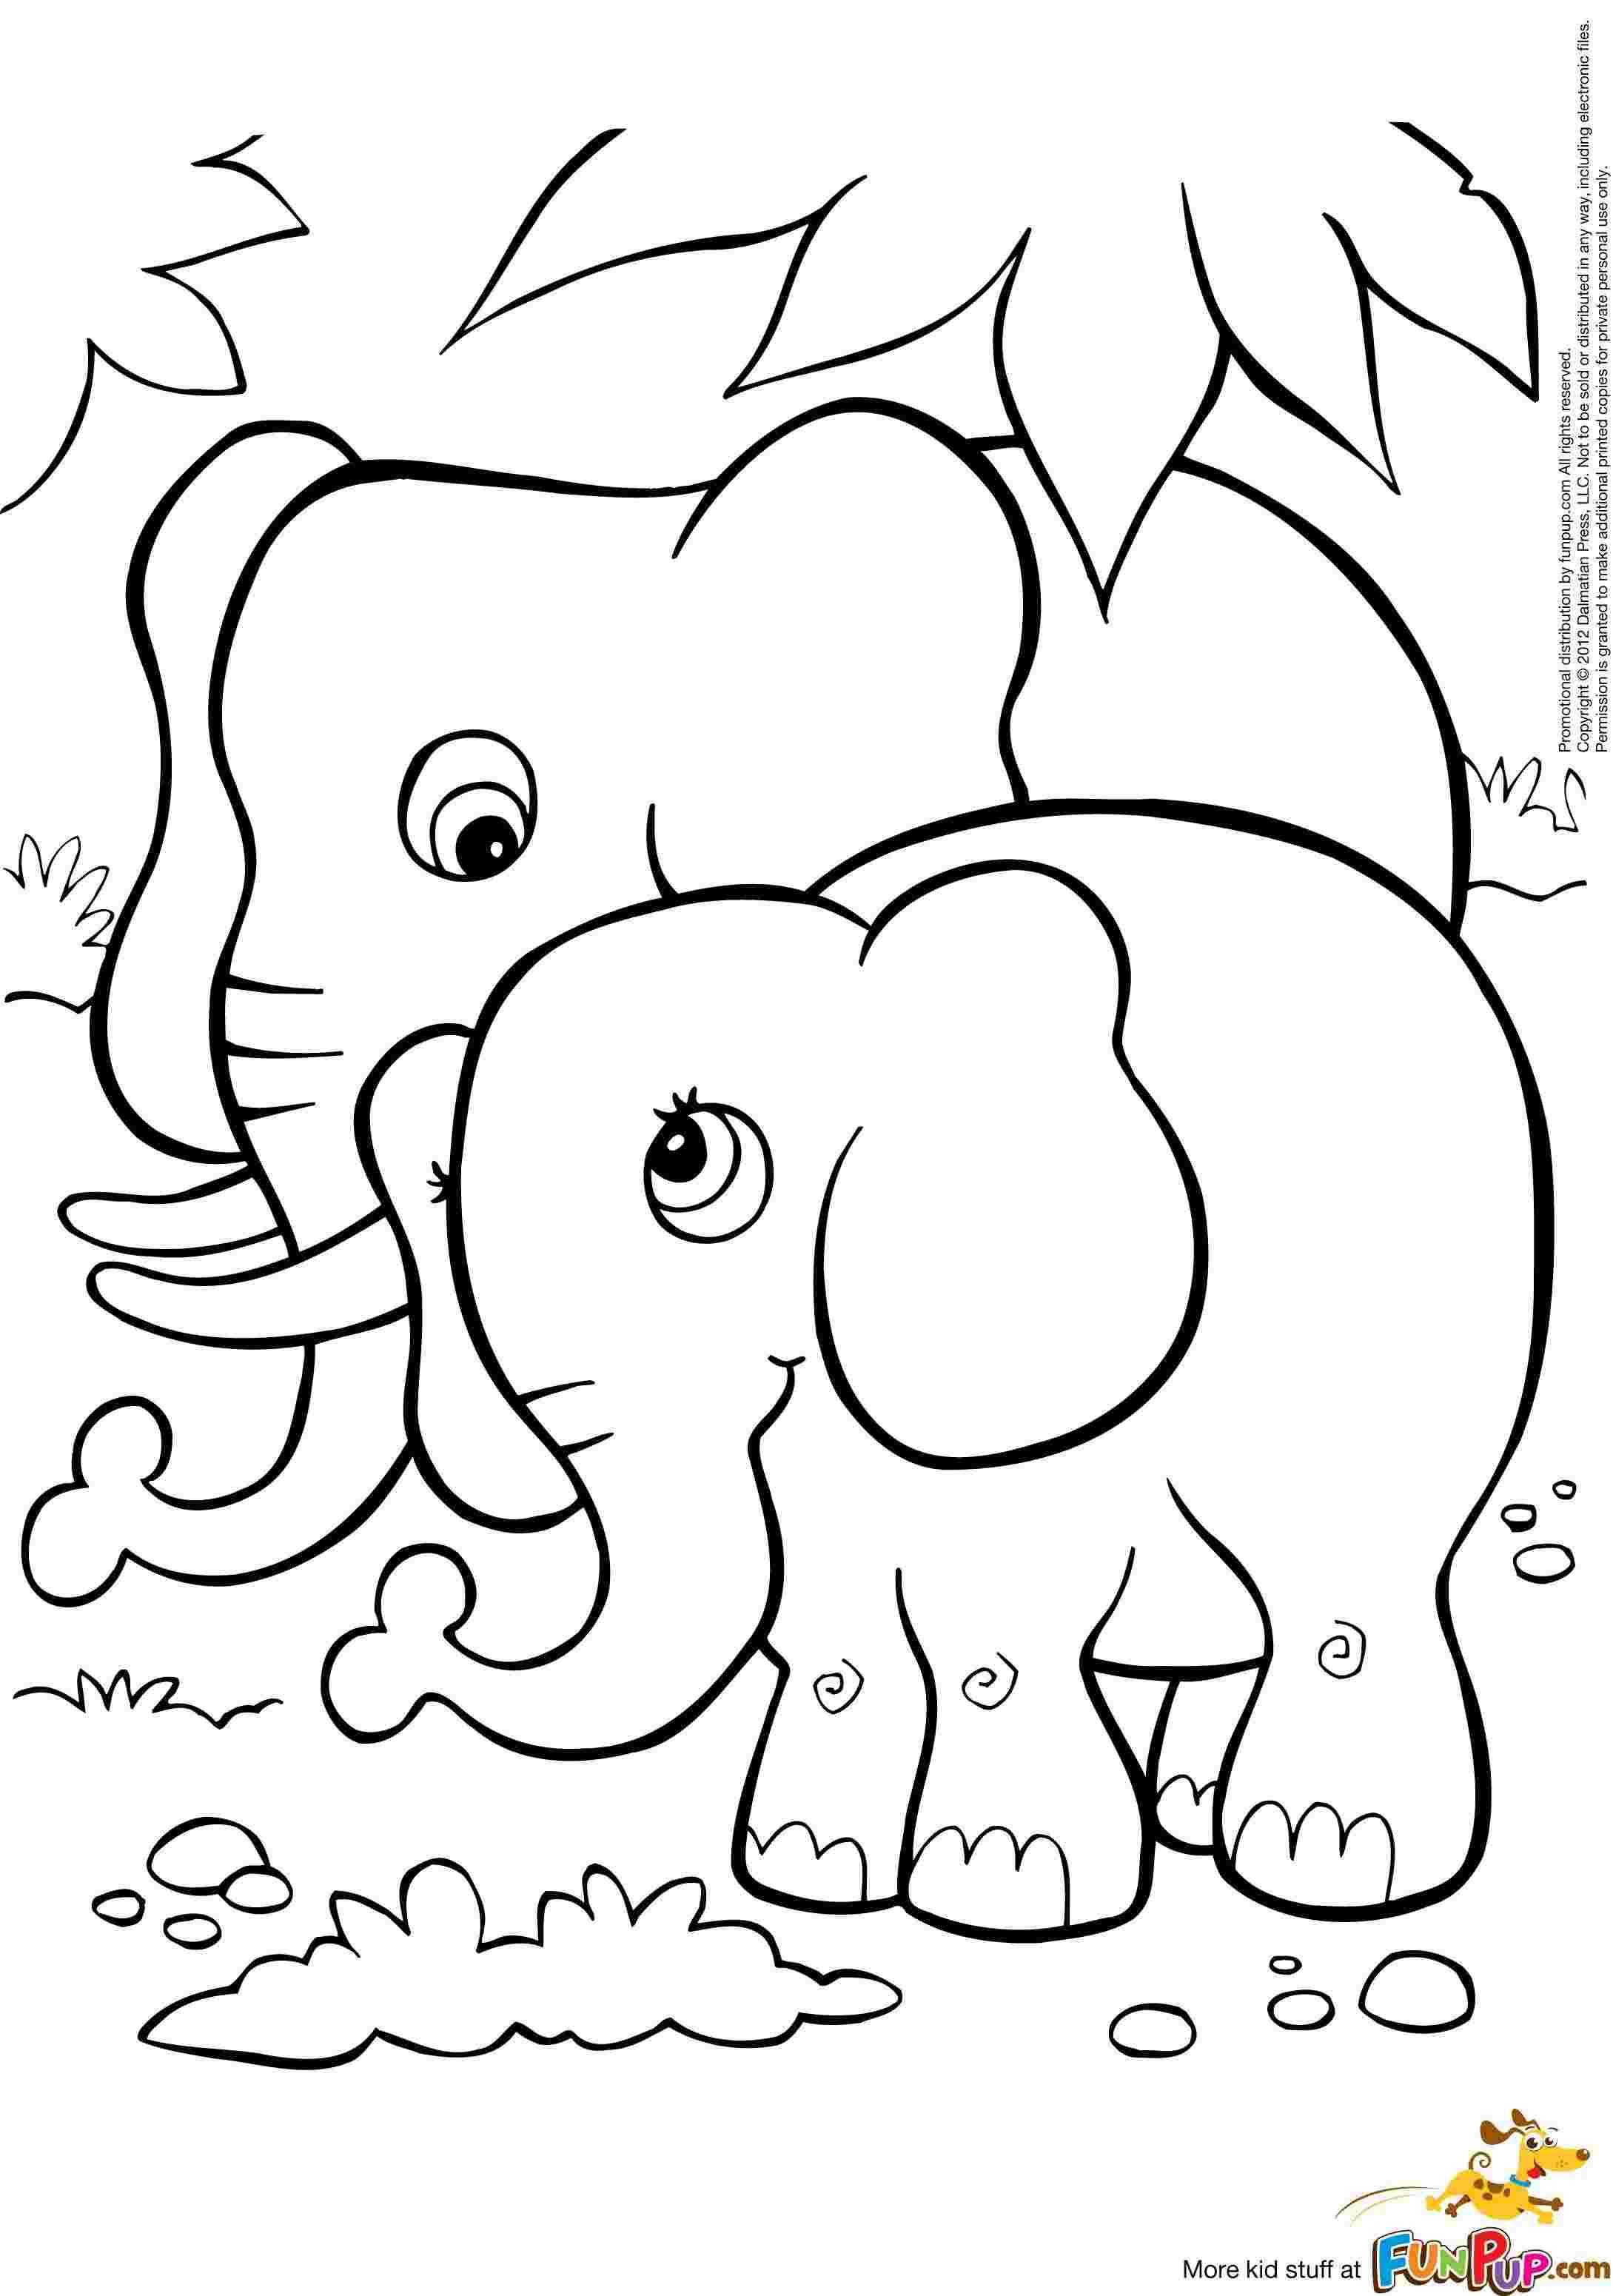 Tranh tô màu voi lớn voi bé đứng cạnh nhau